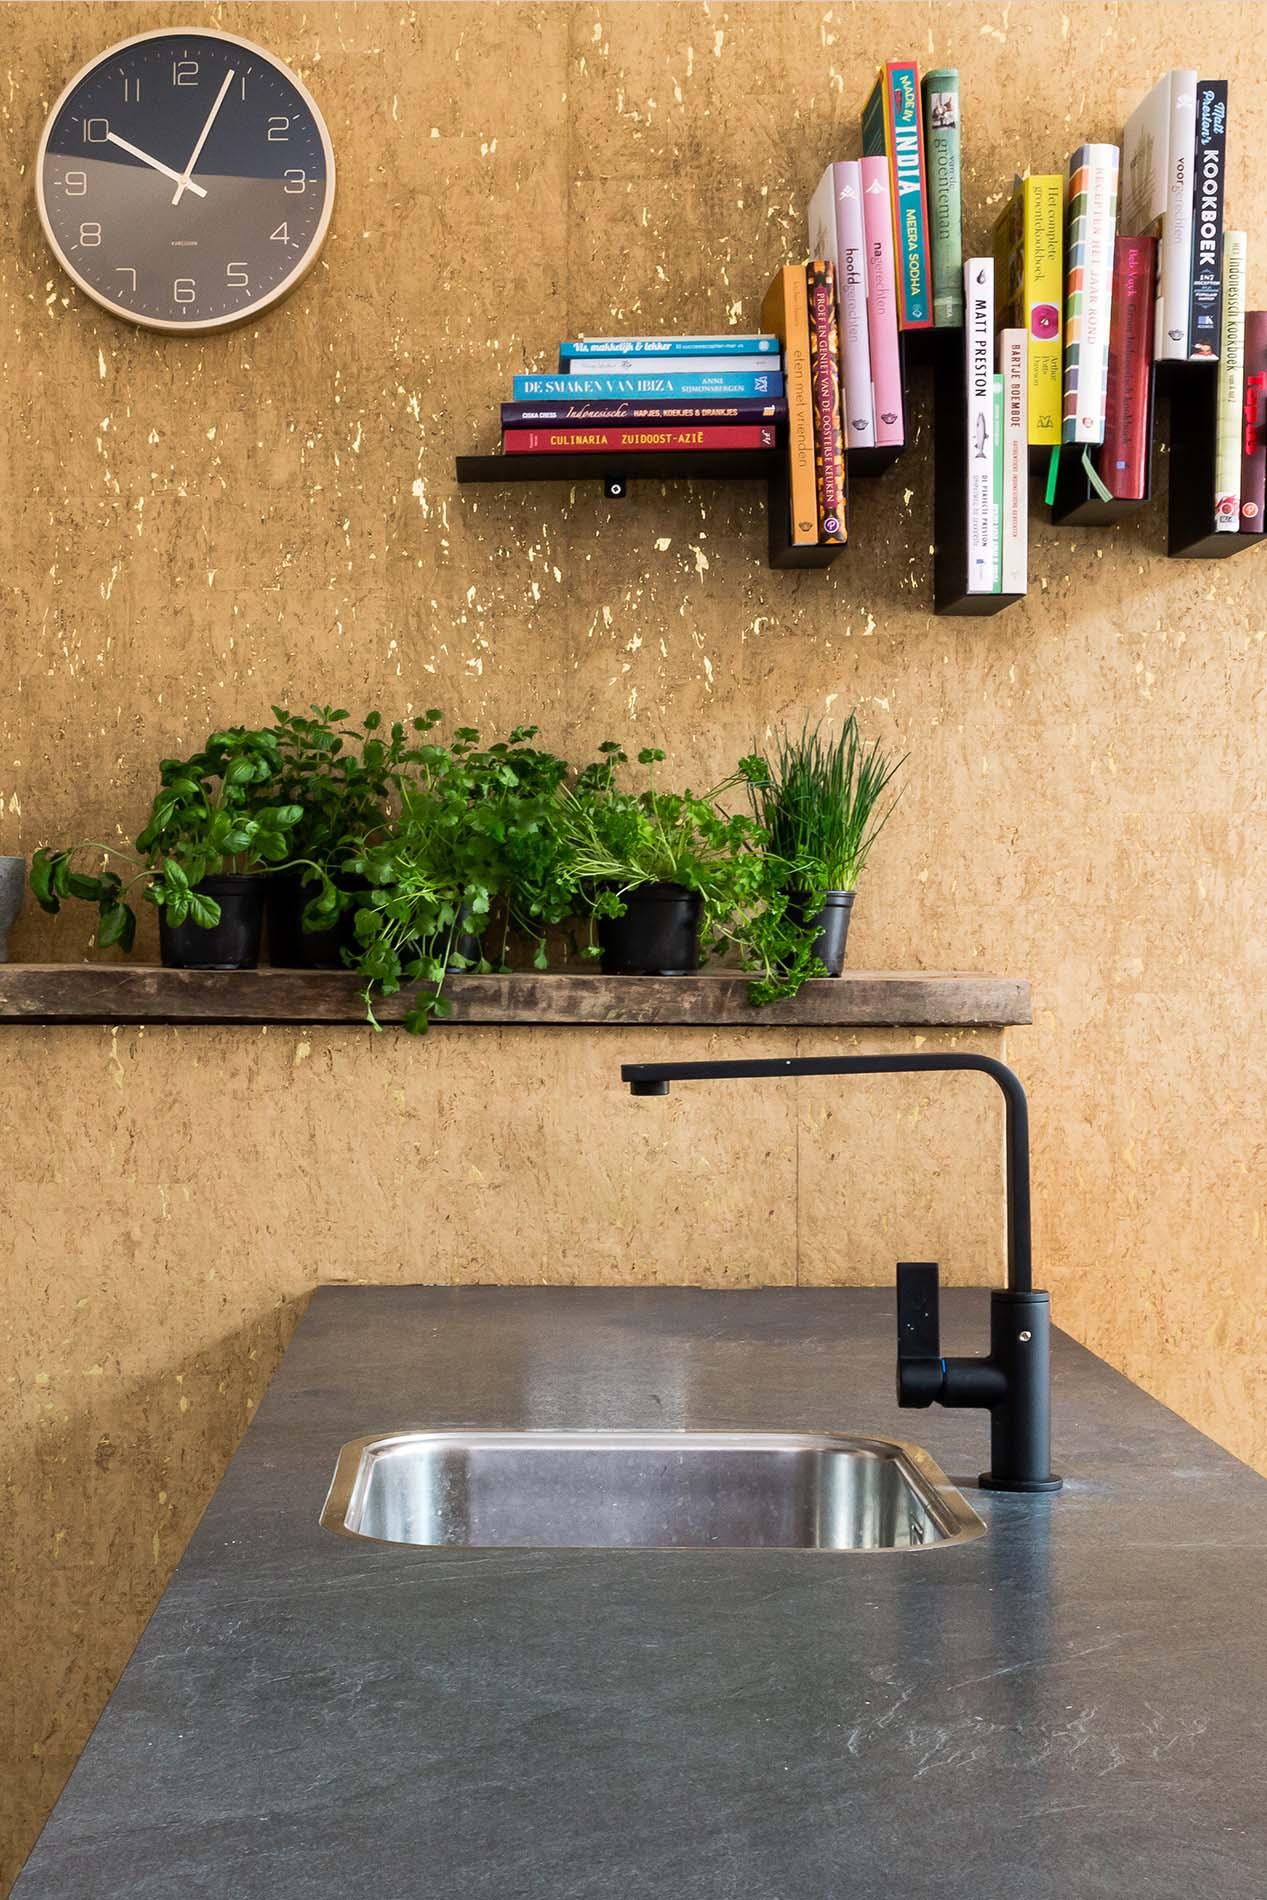 vtwonen keuken met zwarte kraan en ATAG apparatuur, ASWA Keukens